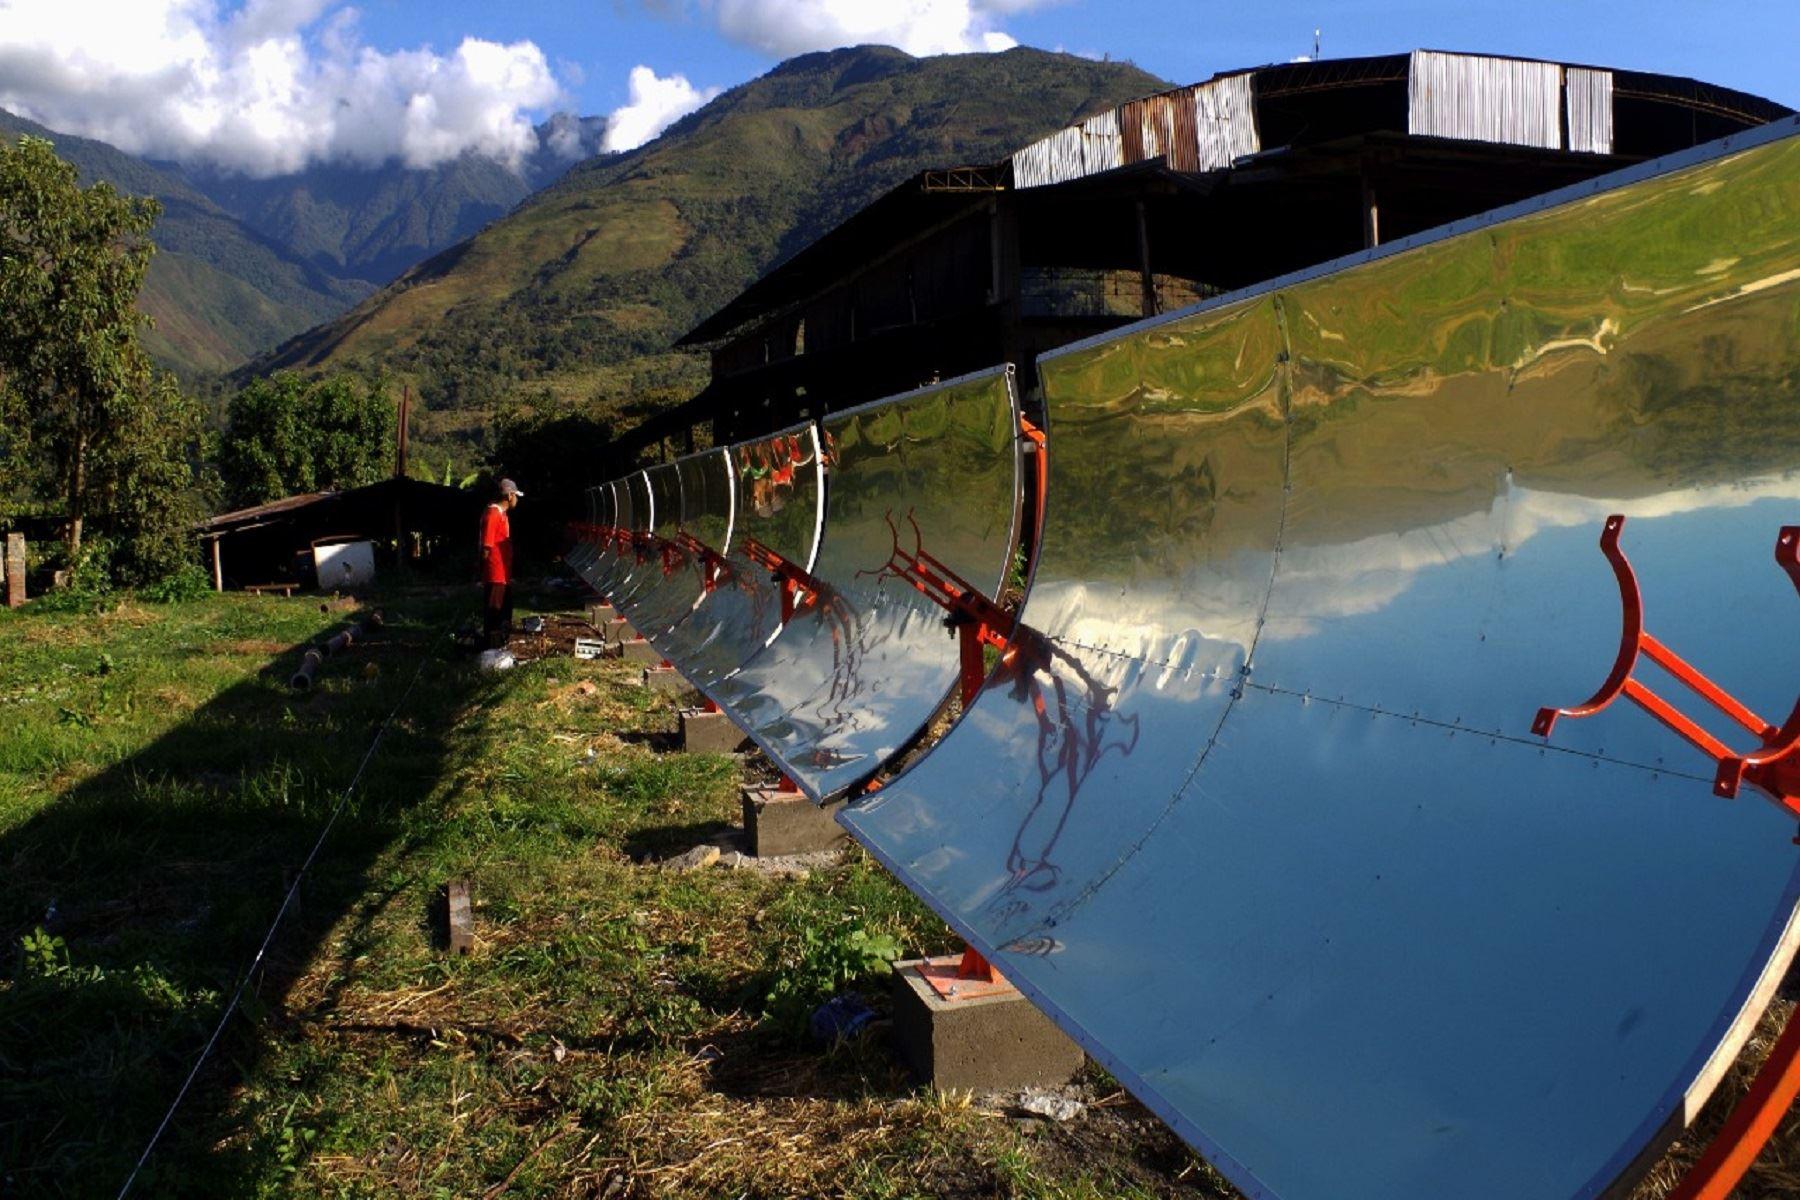 minam-la-economia-circular-es-la-clave-para-impulsar-el-desarrollo-productivo-sostenible